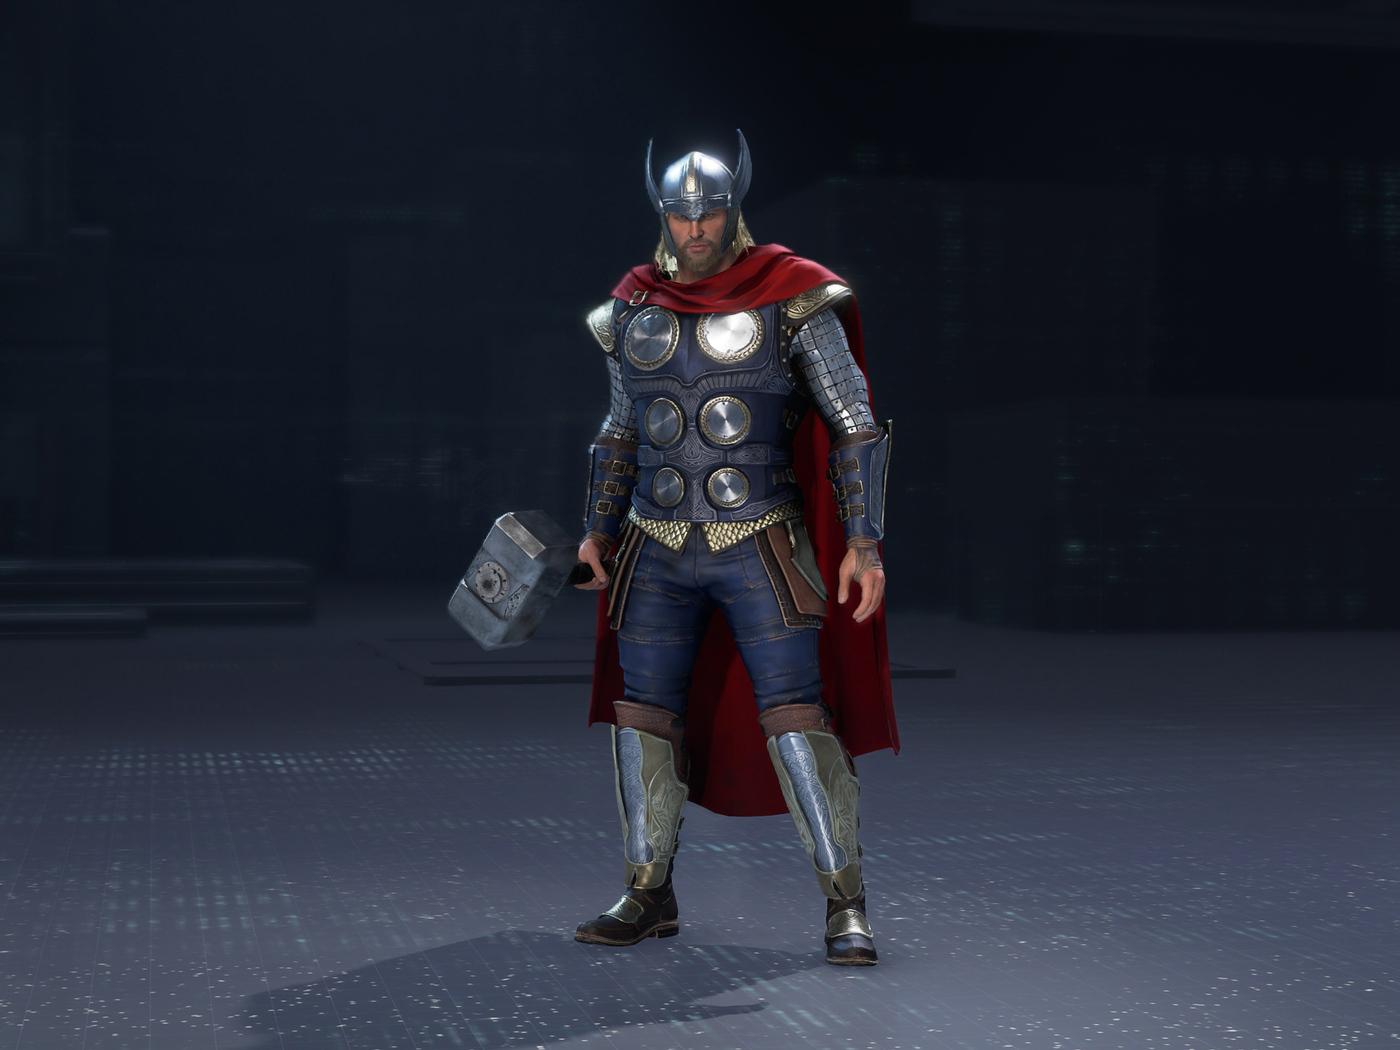 thor-marvels-avengers-2020-4k-ht.jpg